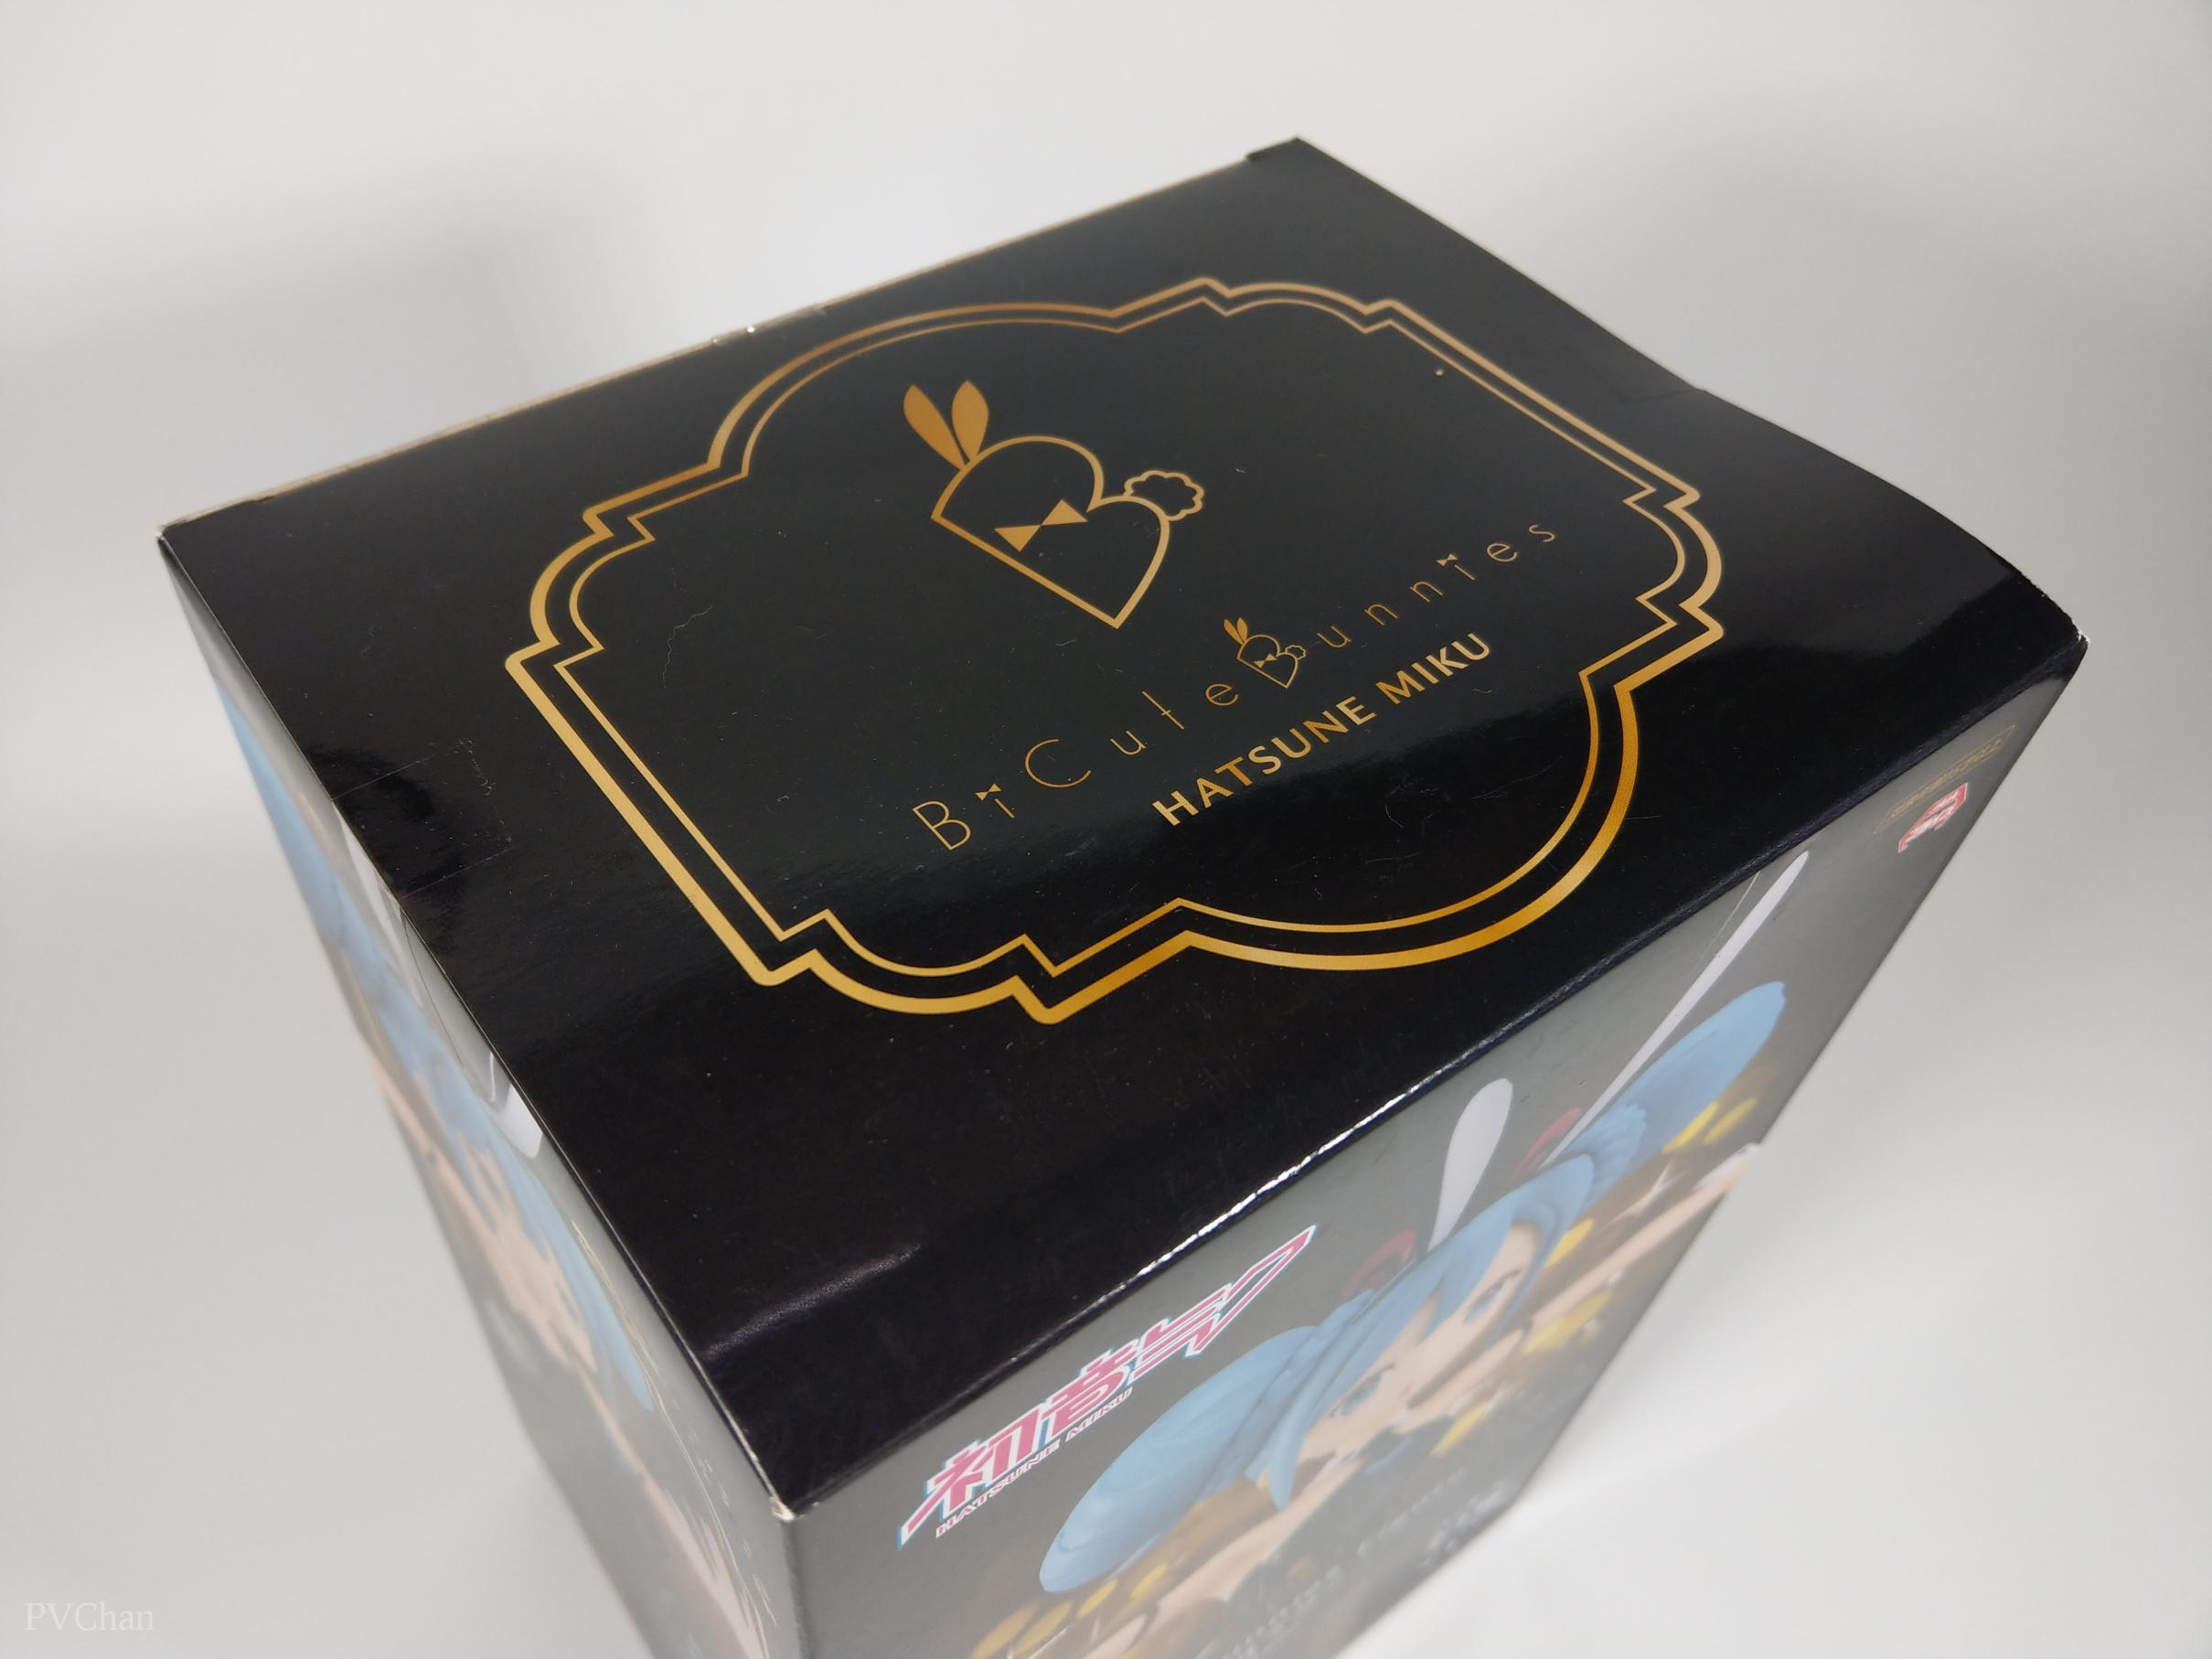 Bicute Bunnies Мику и Сонико - новый формат призовых фигурок. - Изображение 3